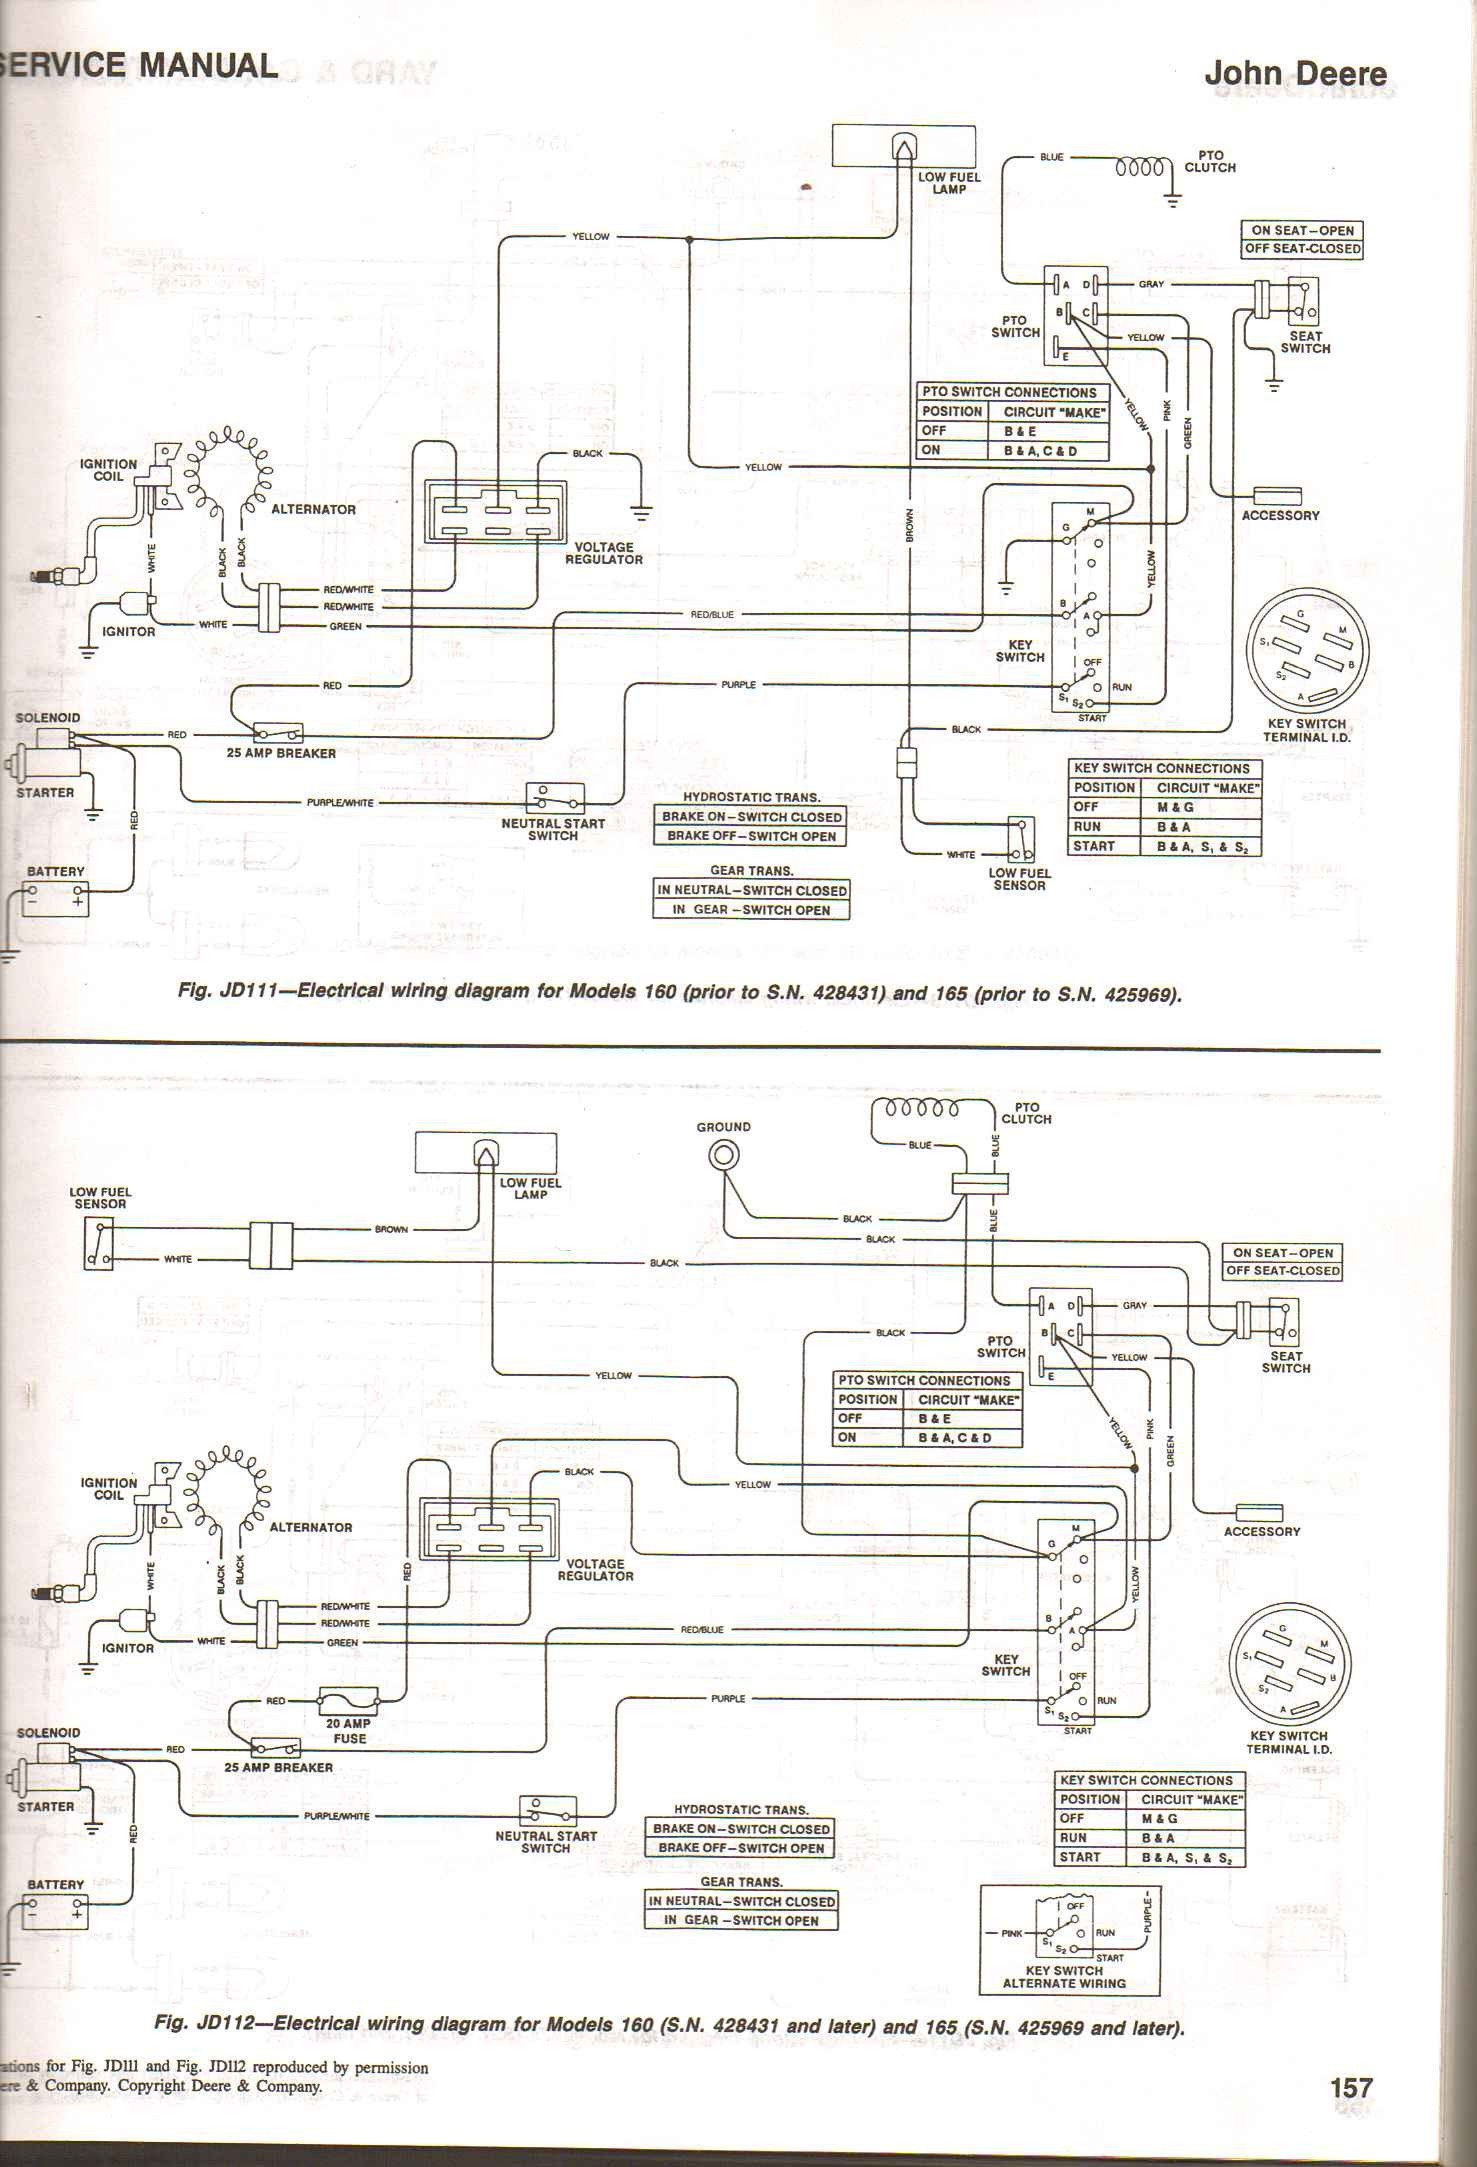 John Deere 345 Wiering Diagram Rk 2830] John Deere Tractor Wiring Schematics Schematic Wiring Of John Deere 345 Wiering Diagram